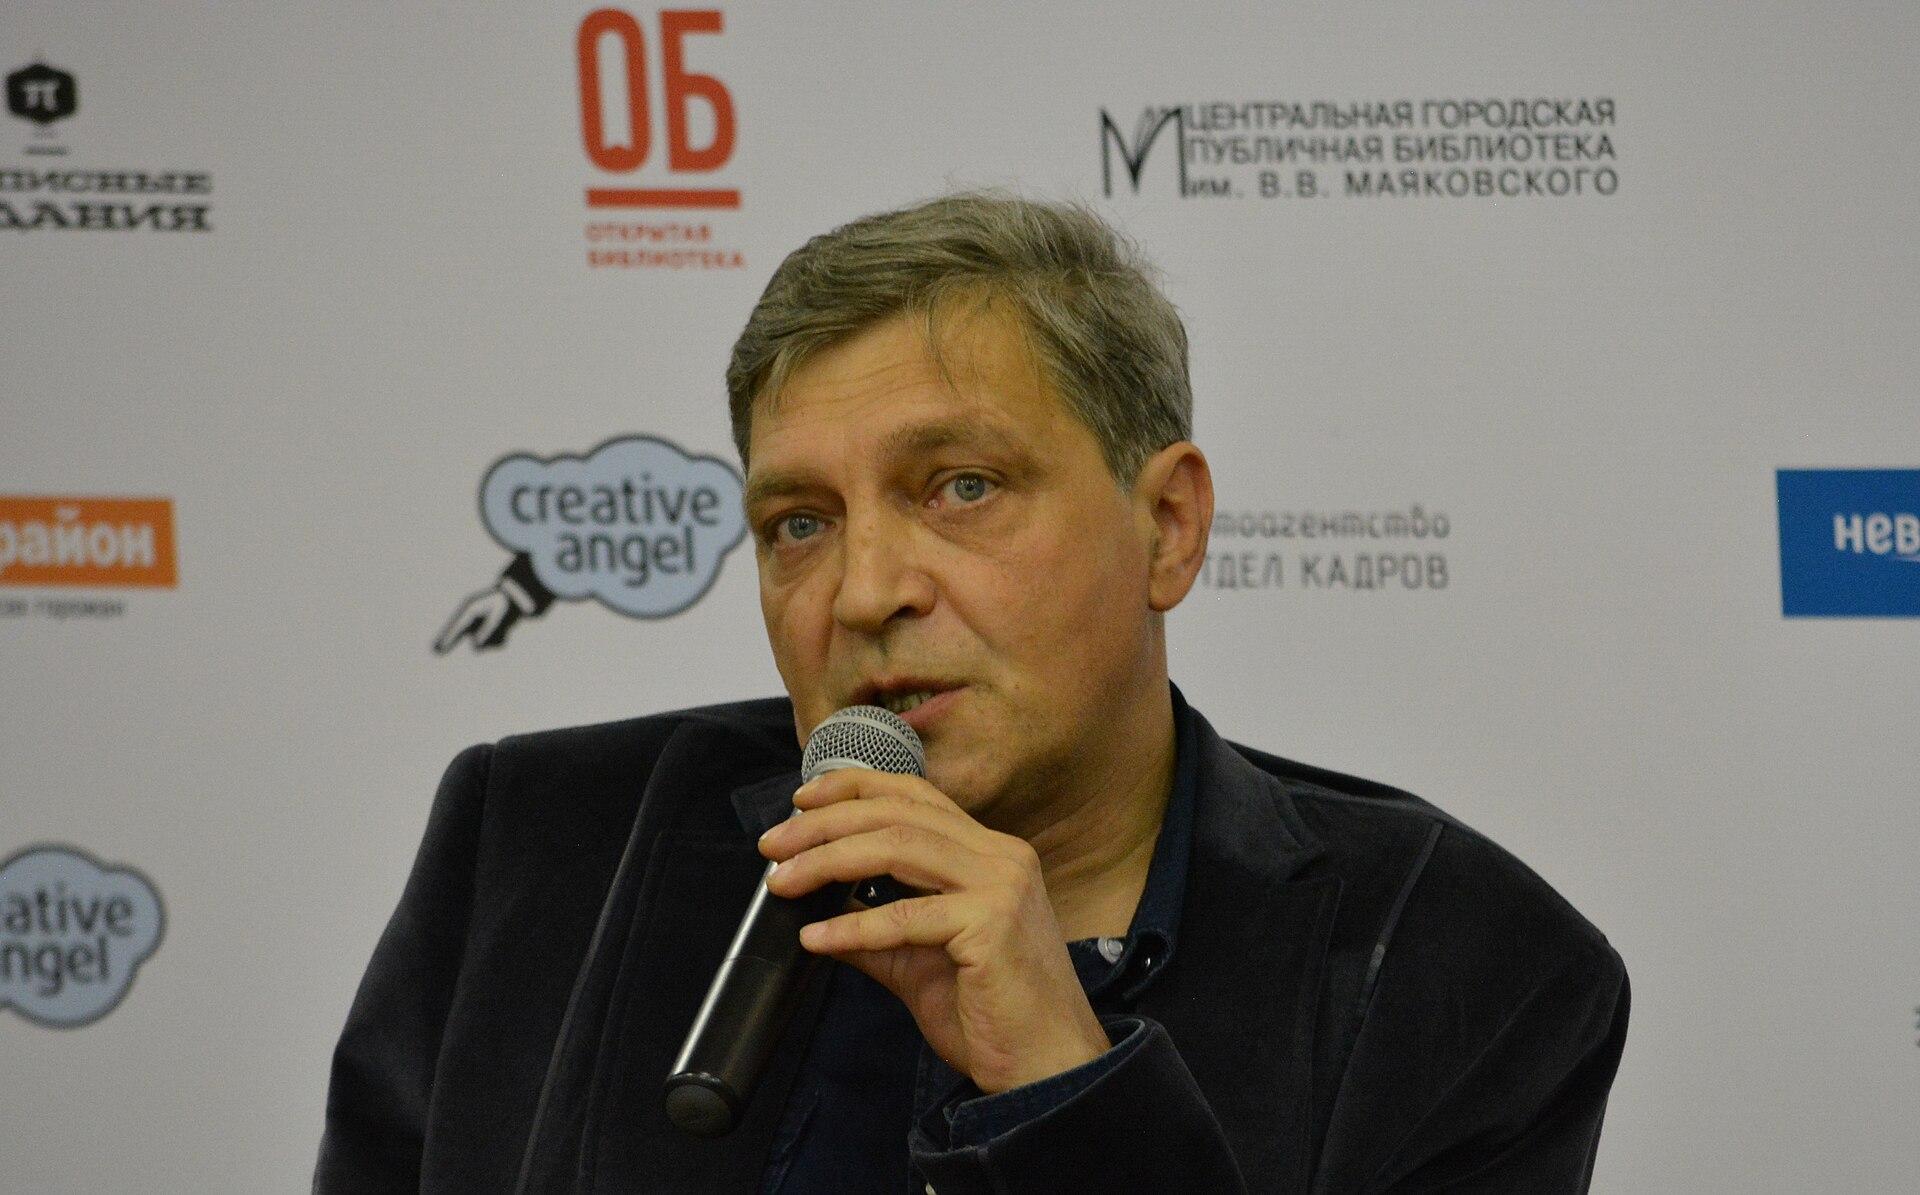 Невзоров Александр Глебович